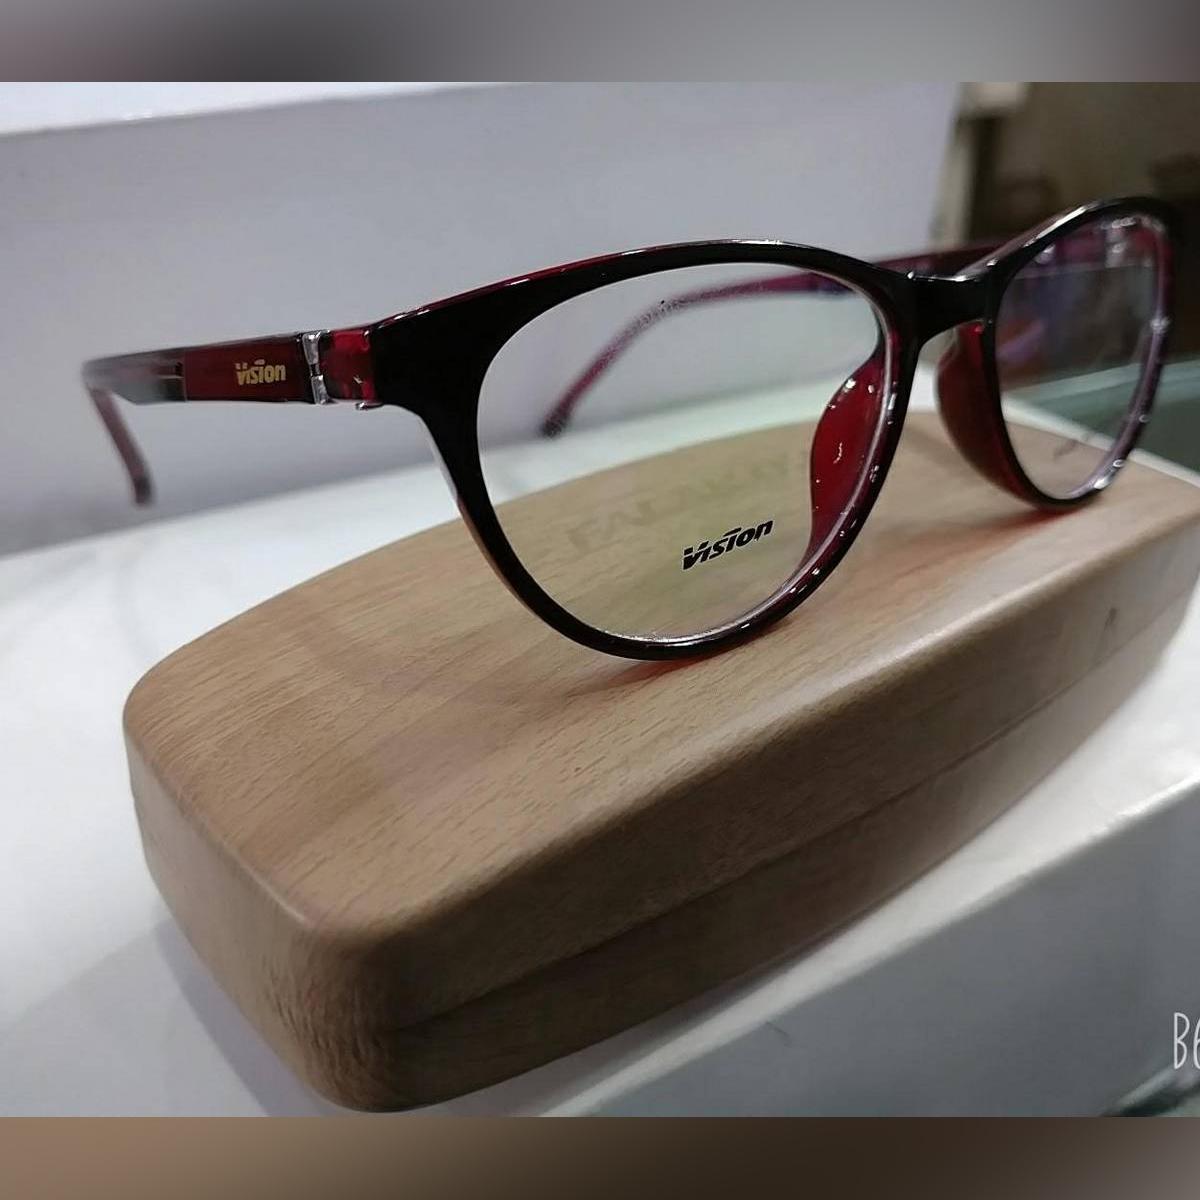 Vision eye glasses frame for women